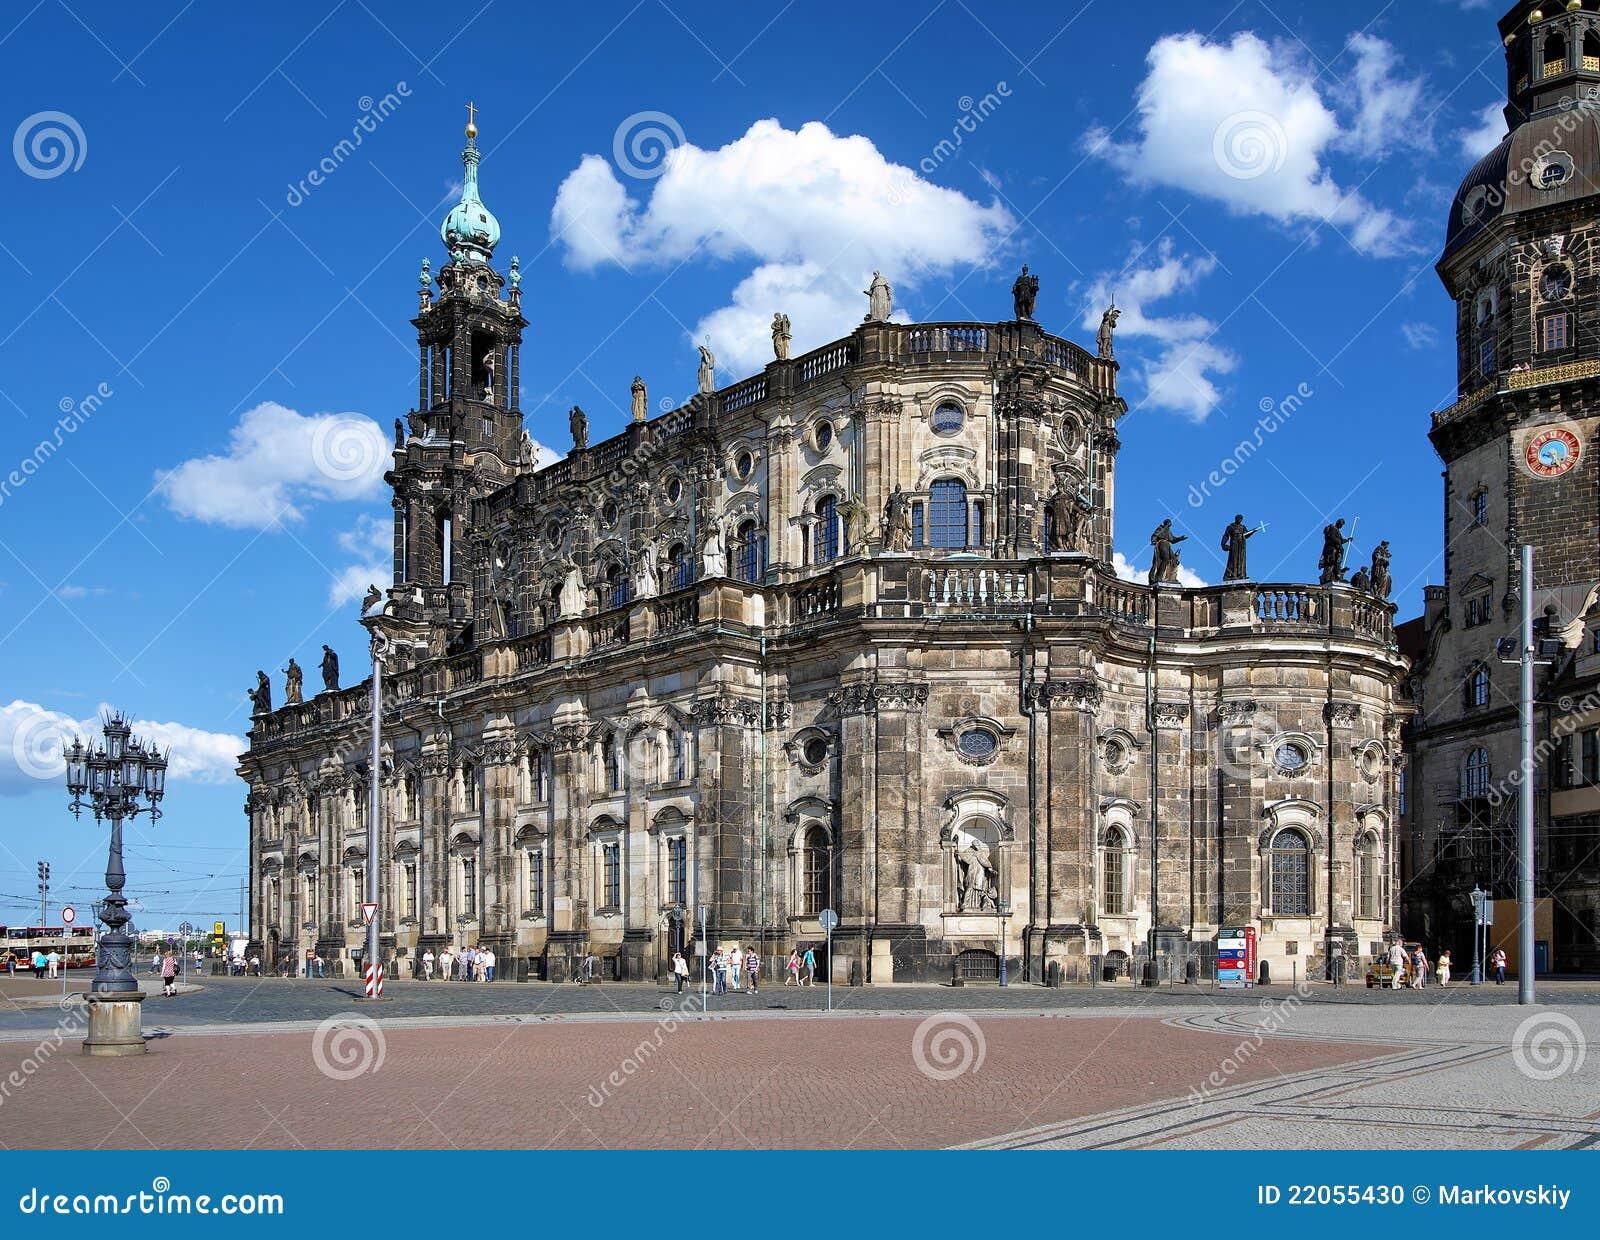 Katholische Kirche Deutschland